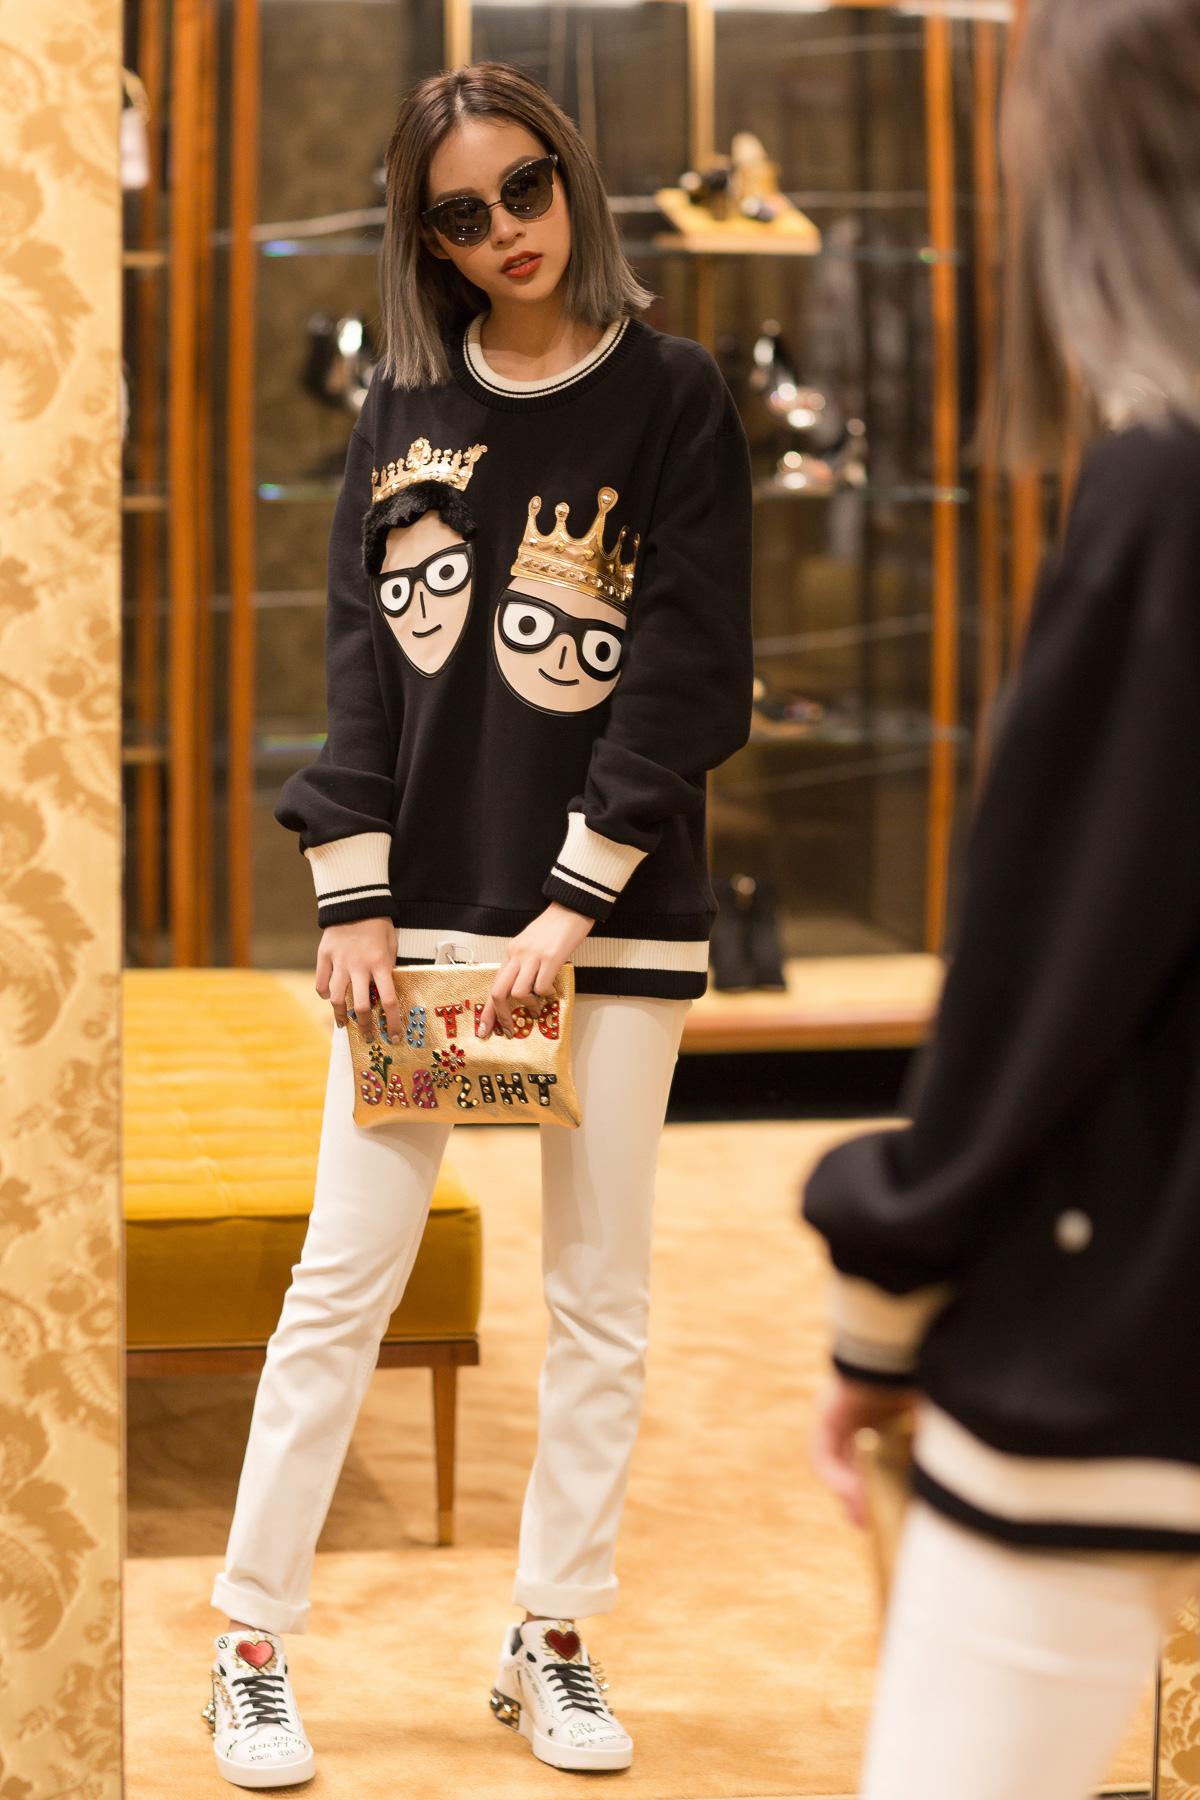 Phí Phương Anh mặc chiếc áo sweater với hình họa ngộ nghĩnh trong BST Thu Đông 2017 của Dolce & Gabbana.